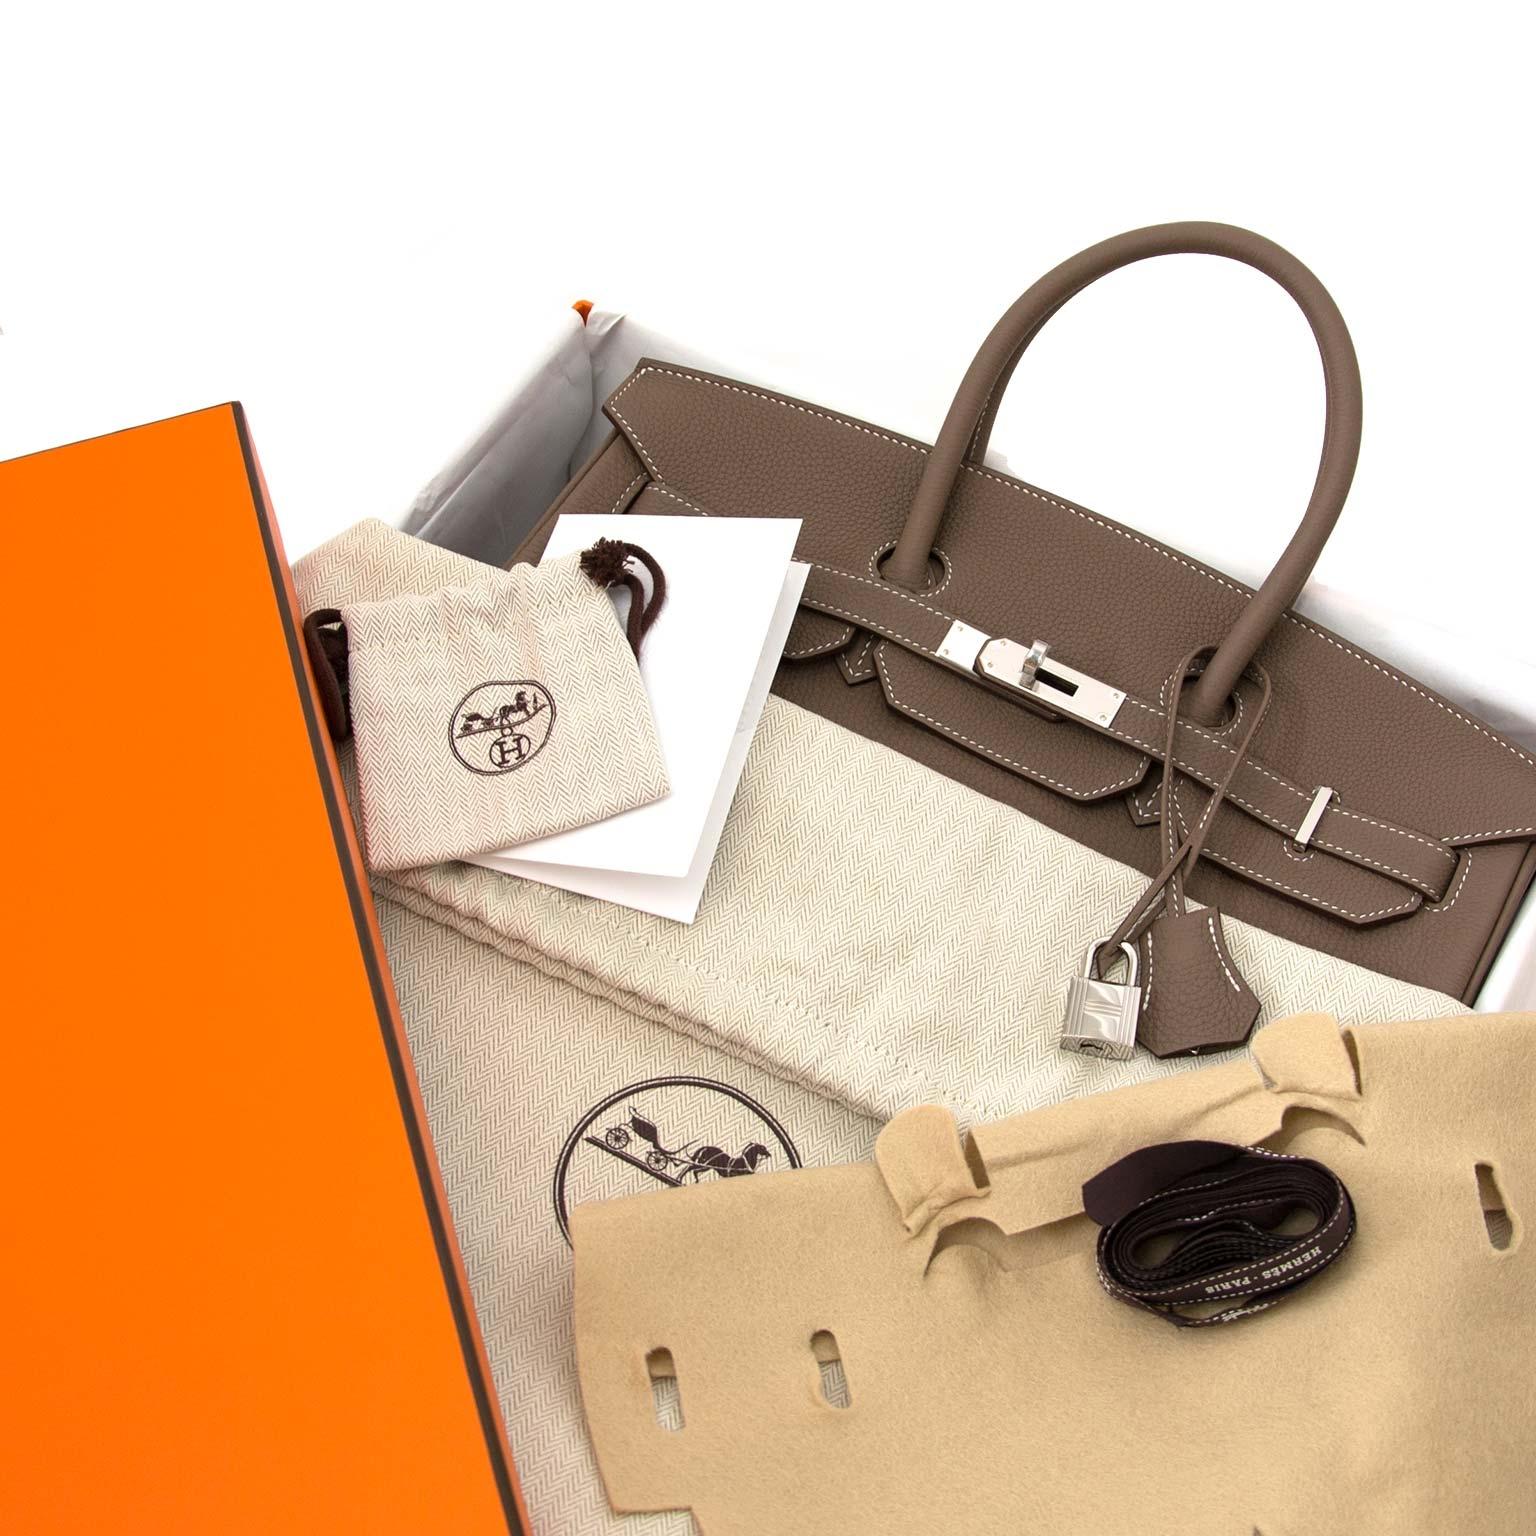 fb94714193 ... Labellov Hermès Birkin 35 Etoupe Togo PHW kopen en verkopen aan de  beste prijs